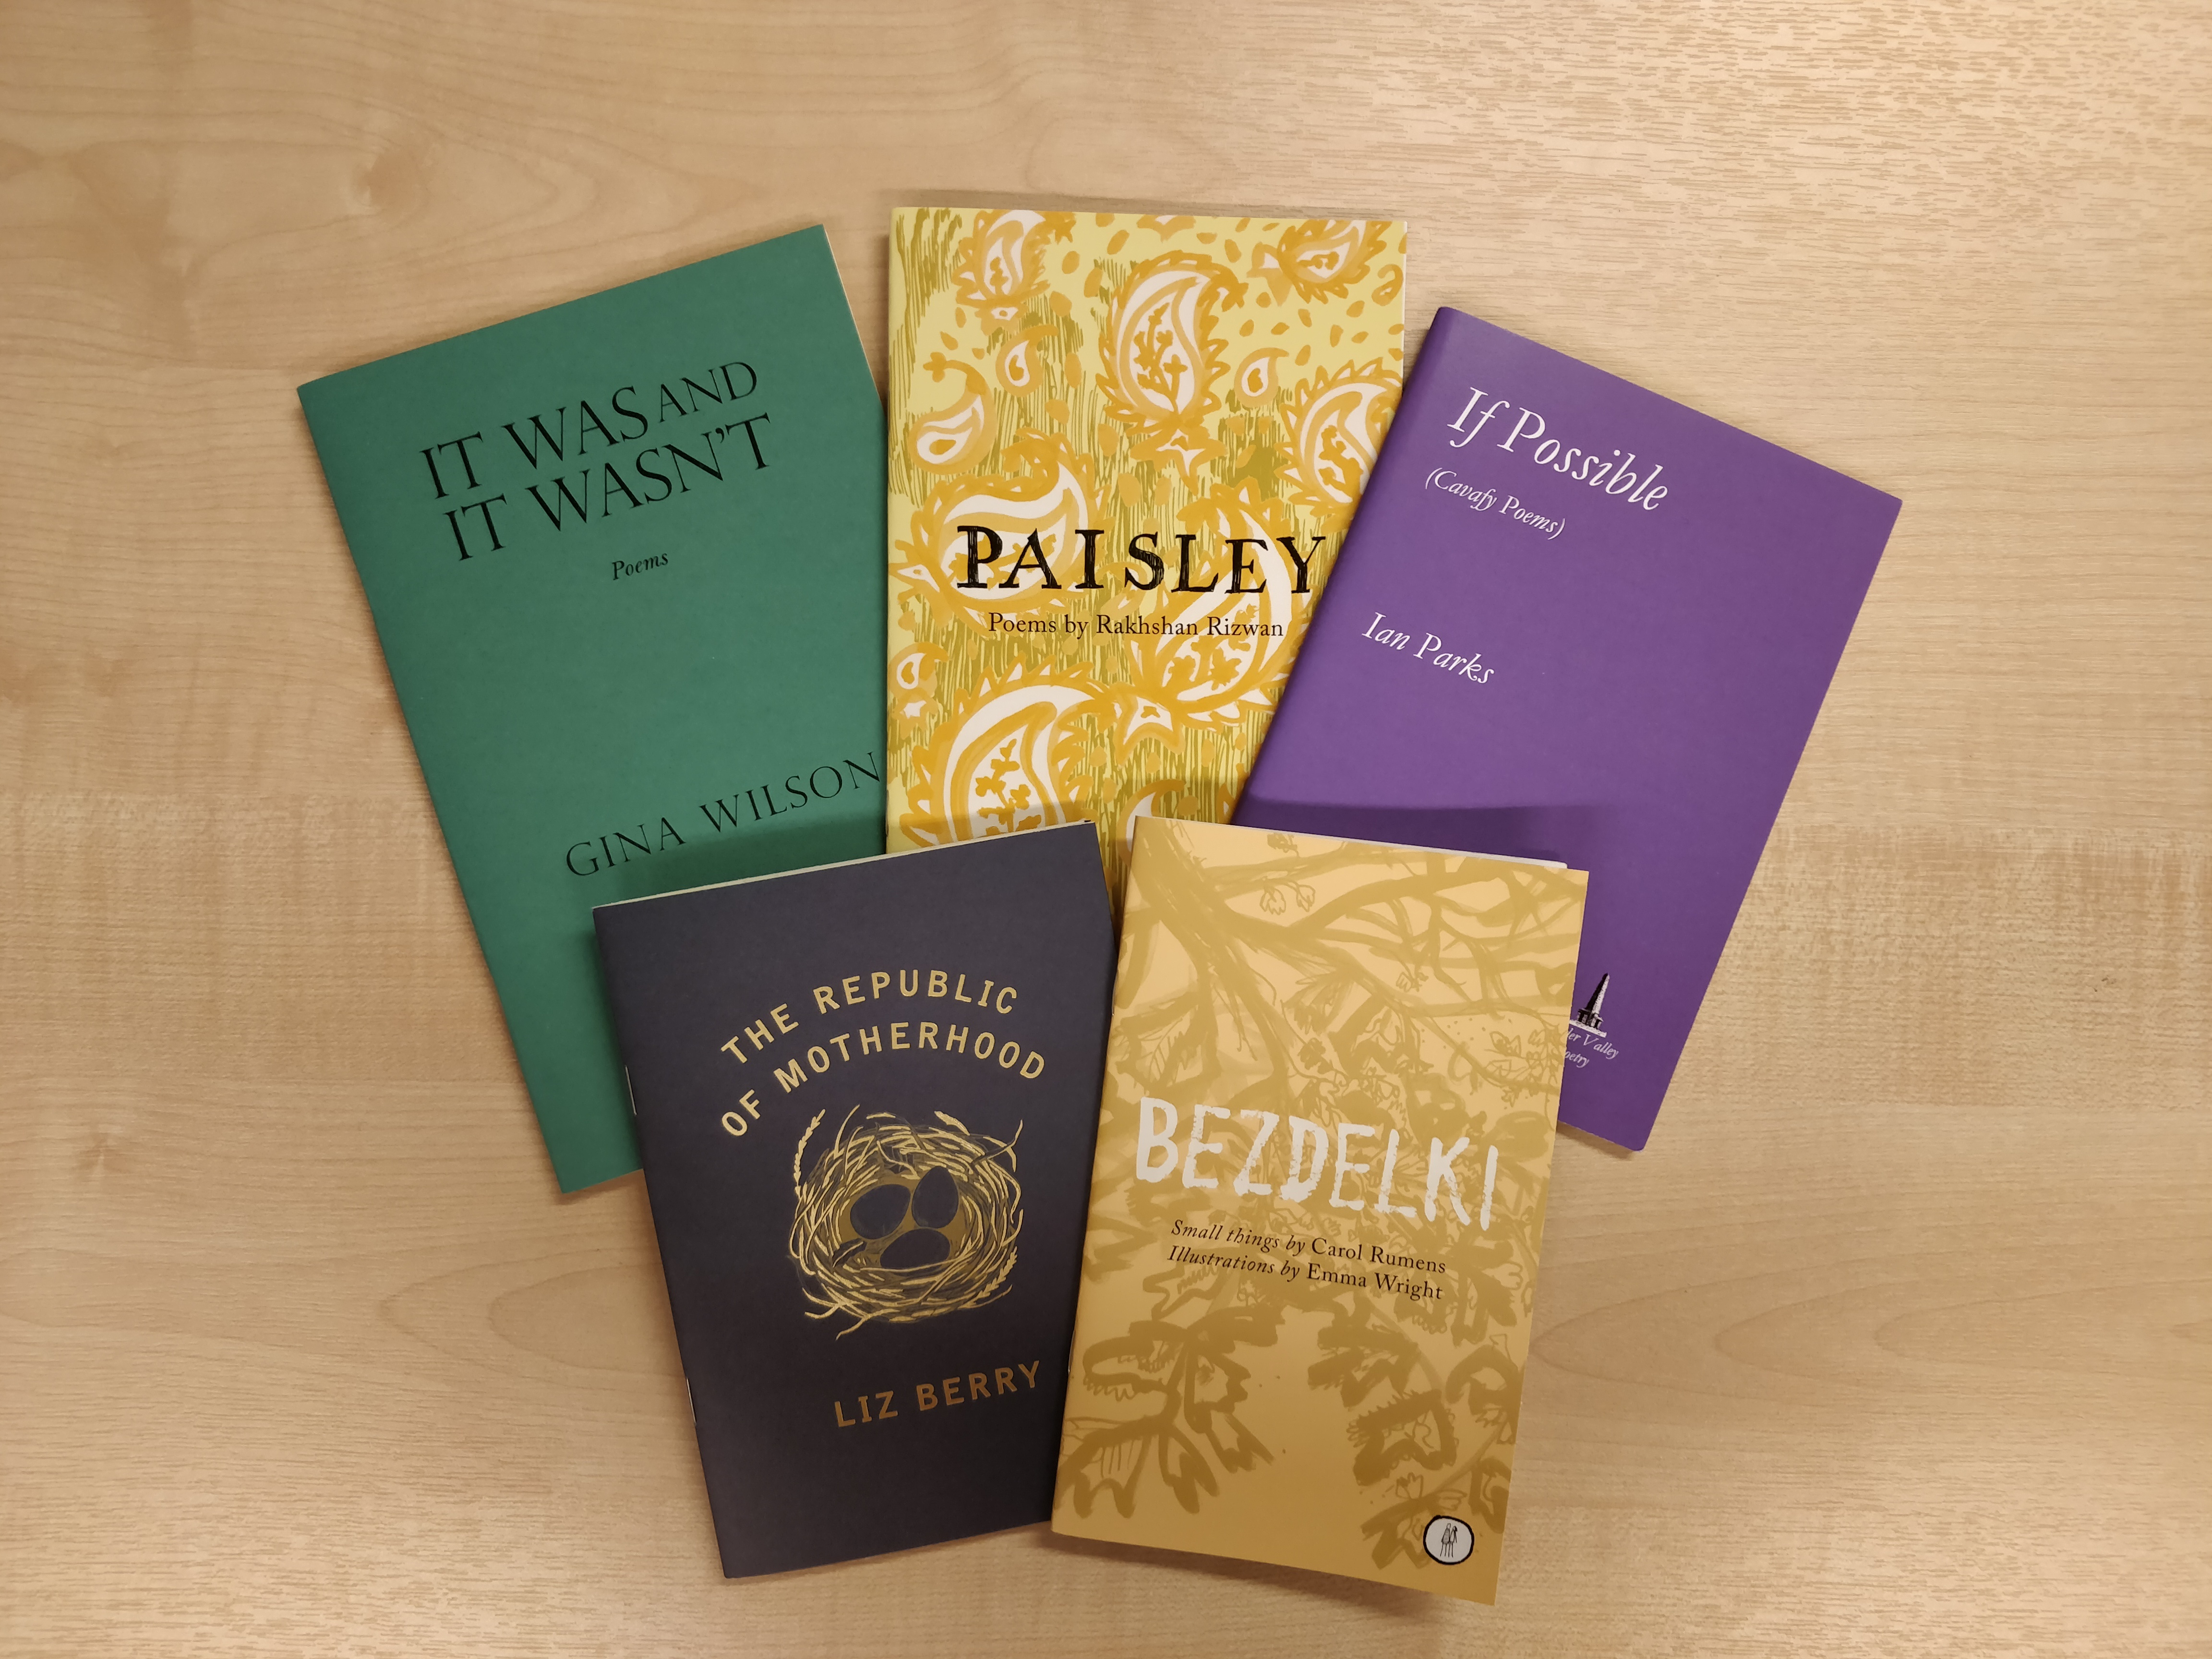 English and Drama blog: Printed books